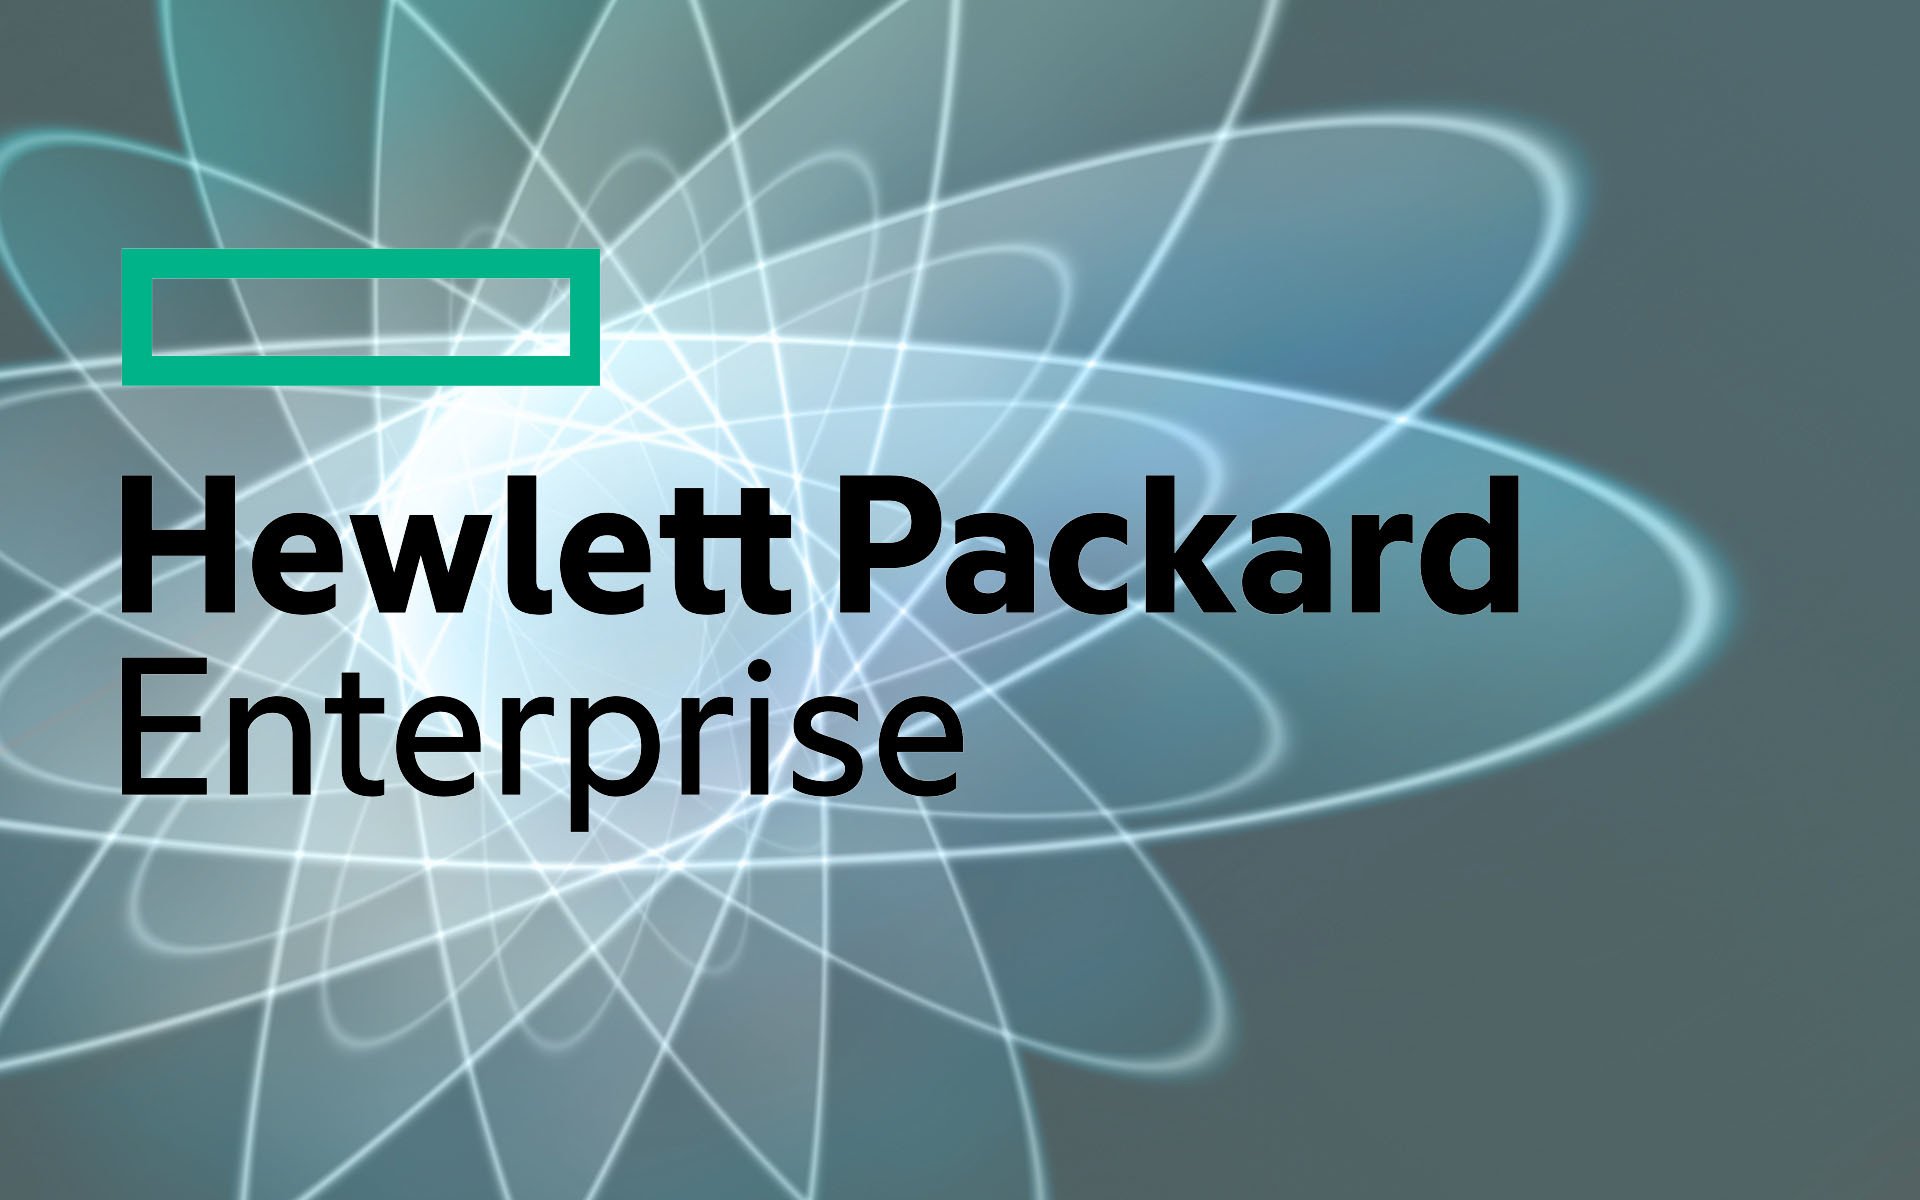 Hp Full Hd Wallpaper Hewlett Packard Enterprise Wallpaper 66 Images